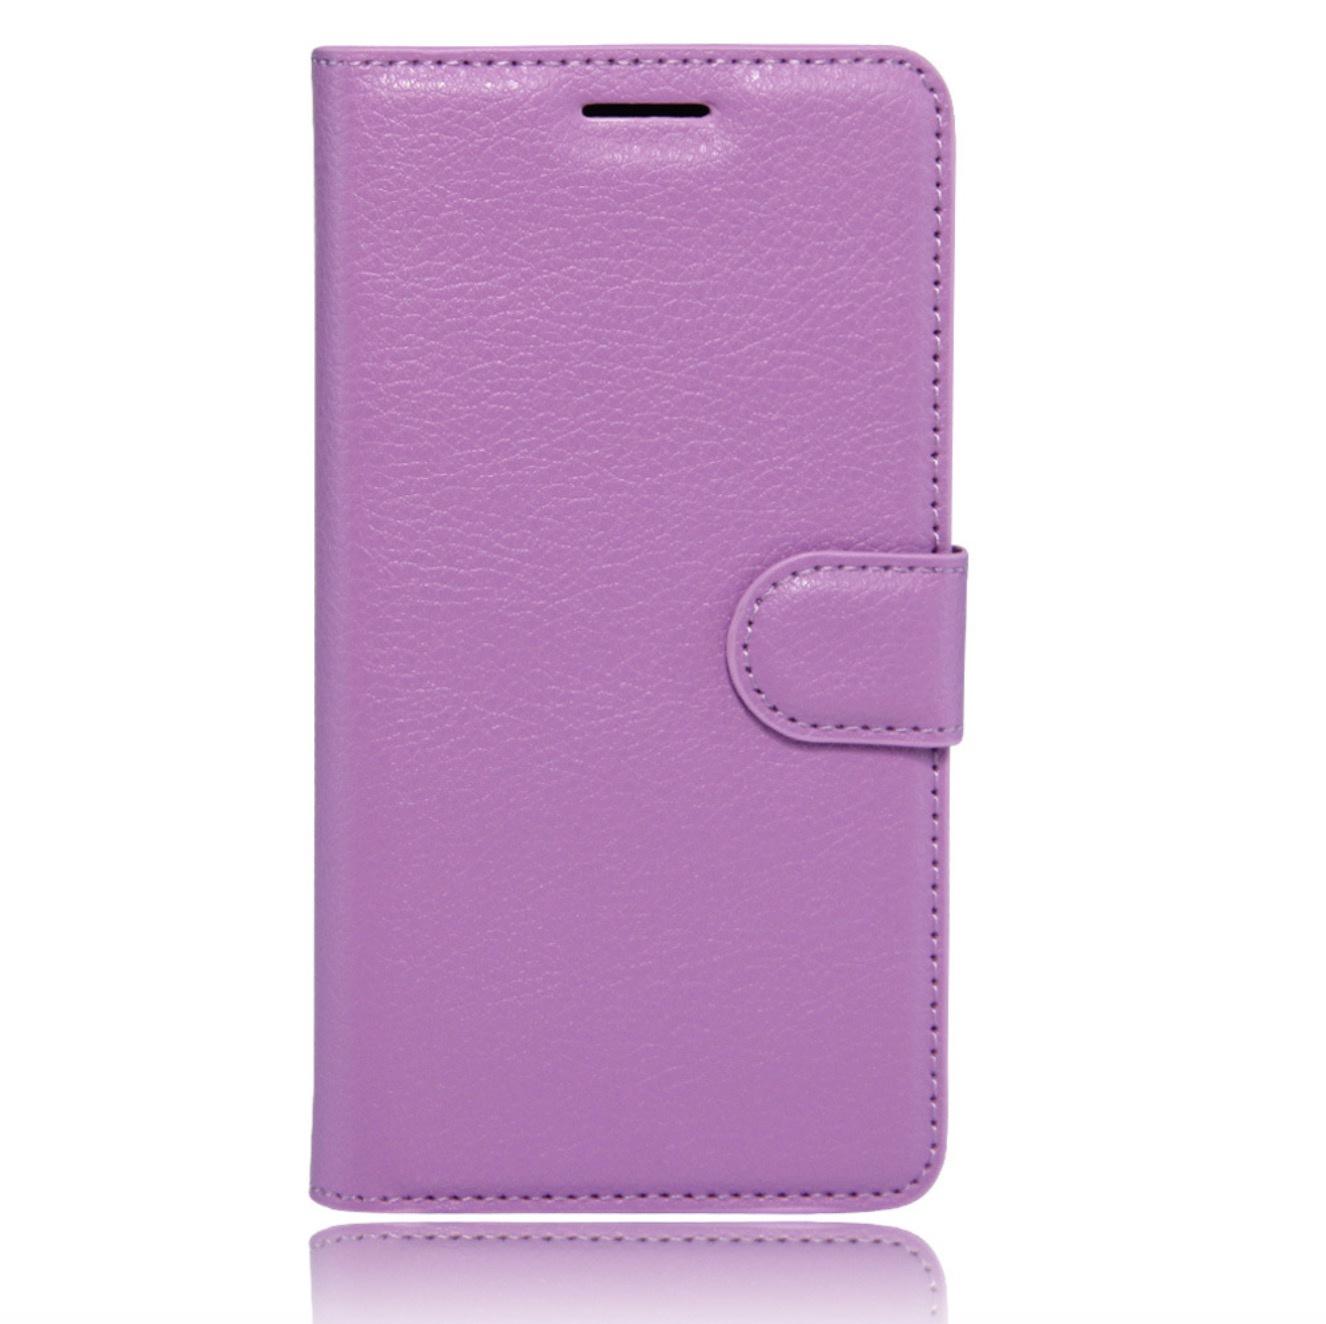 Чехол-книжка MyPads для HTC Desire 825 Dual Sim 5.5 с мульти-подставкой застёжкой и визитницей фиолетовый